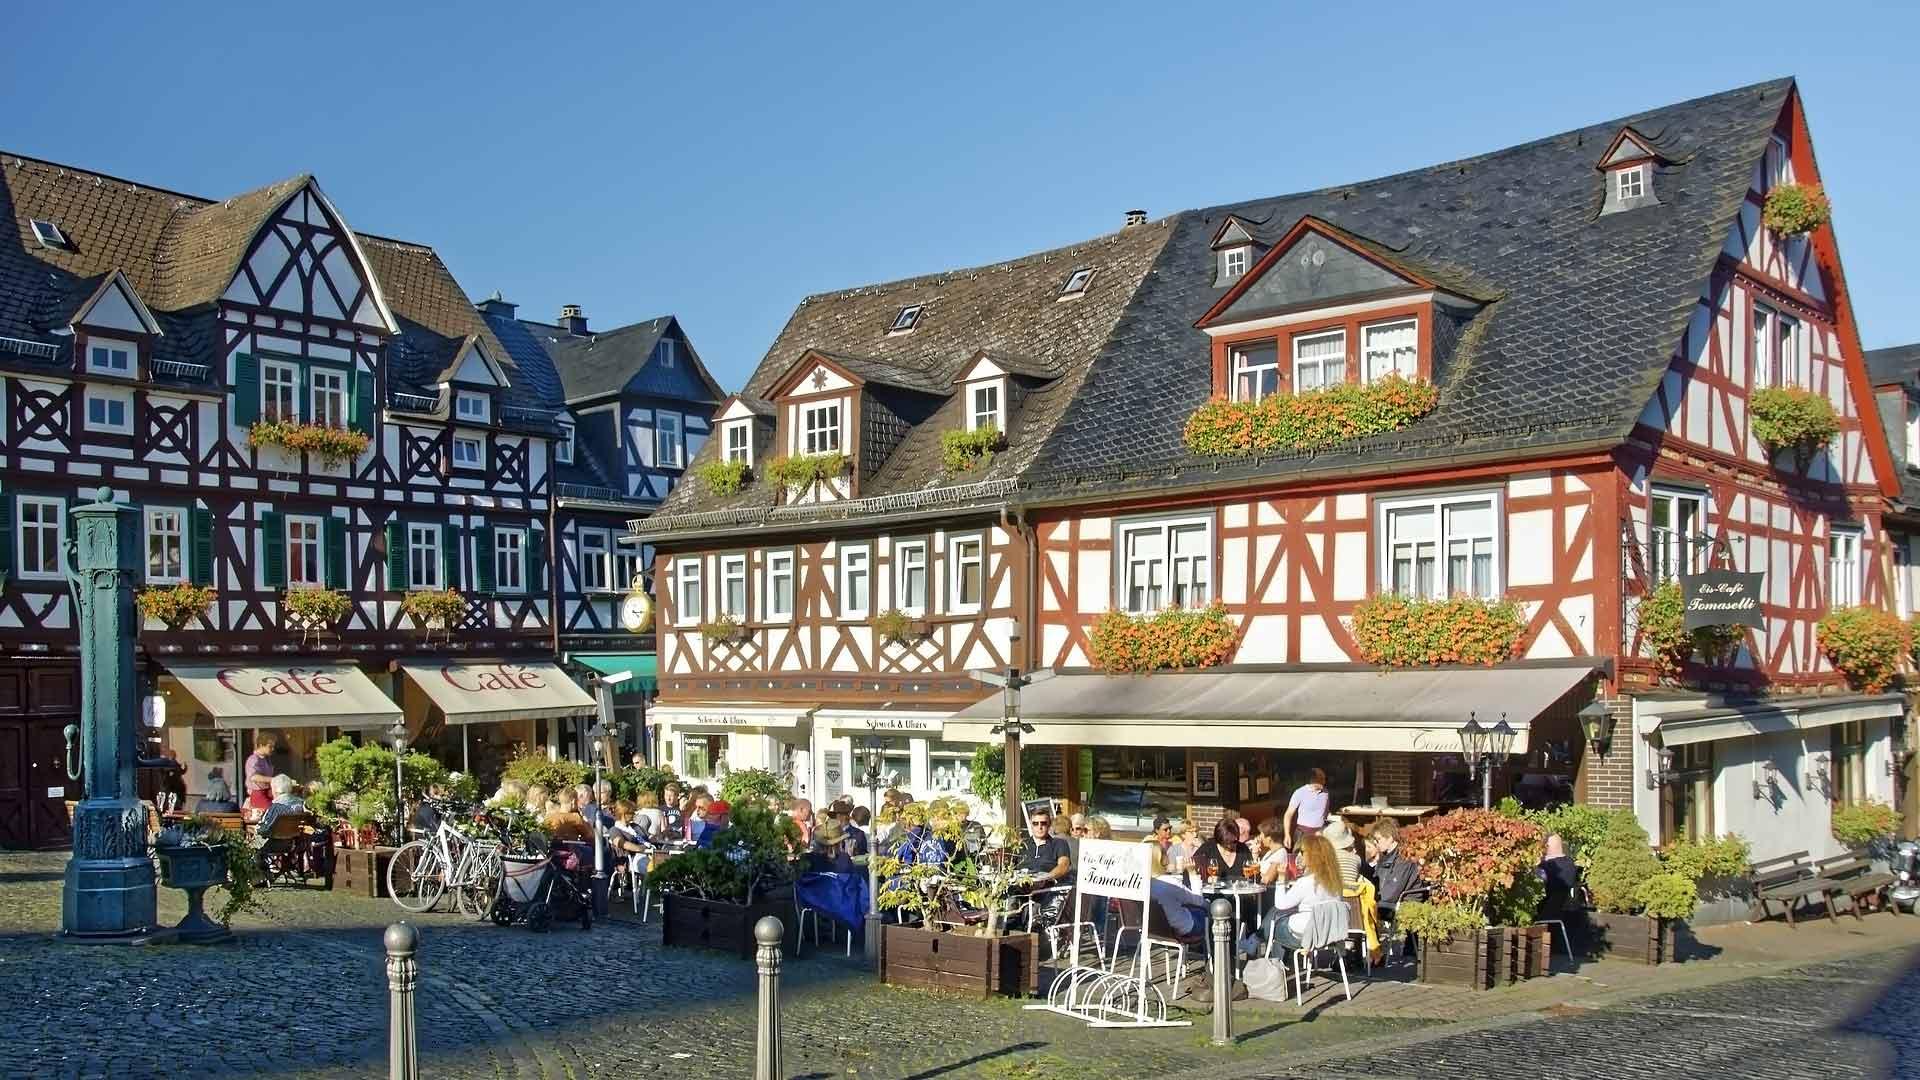 De picturesque binnenstad van Braunfells